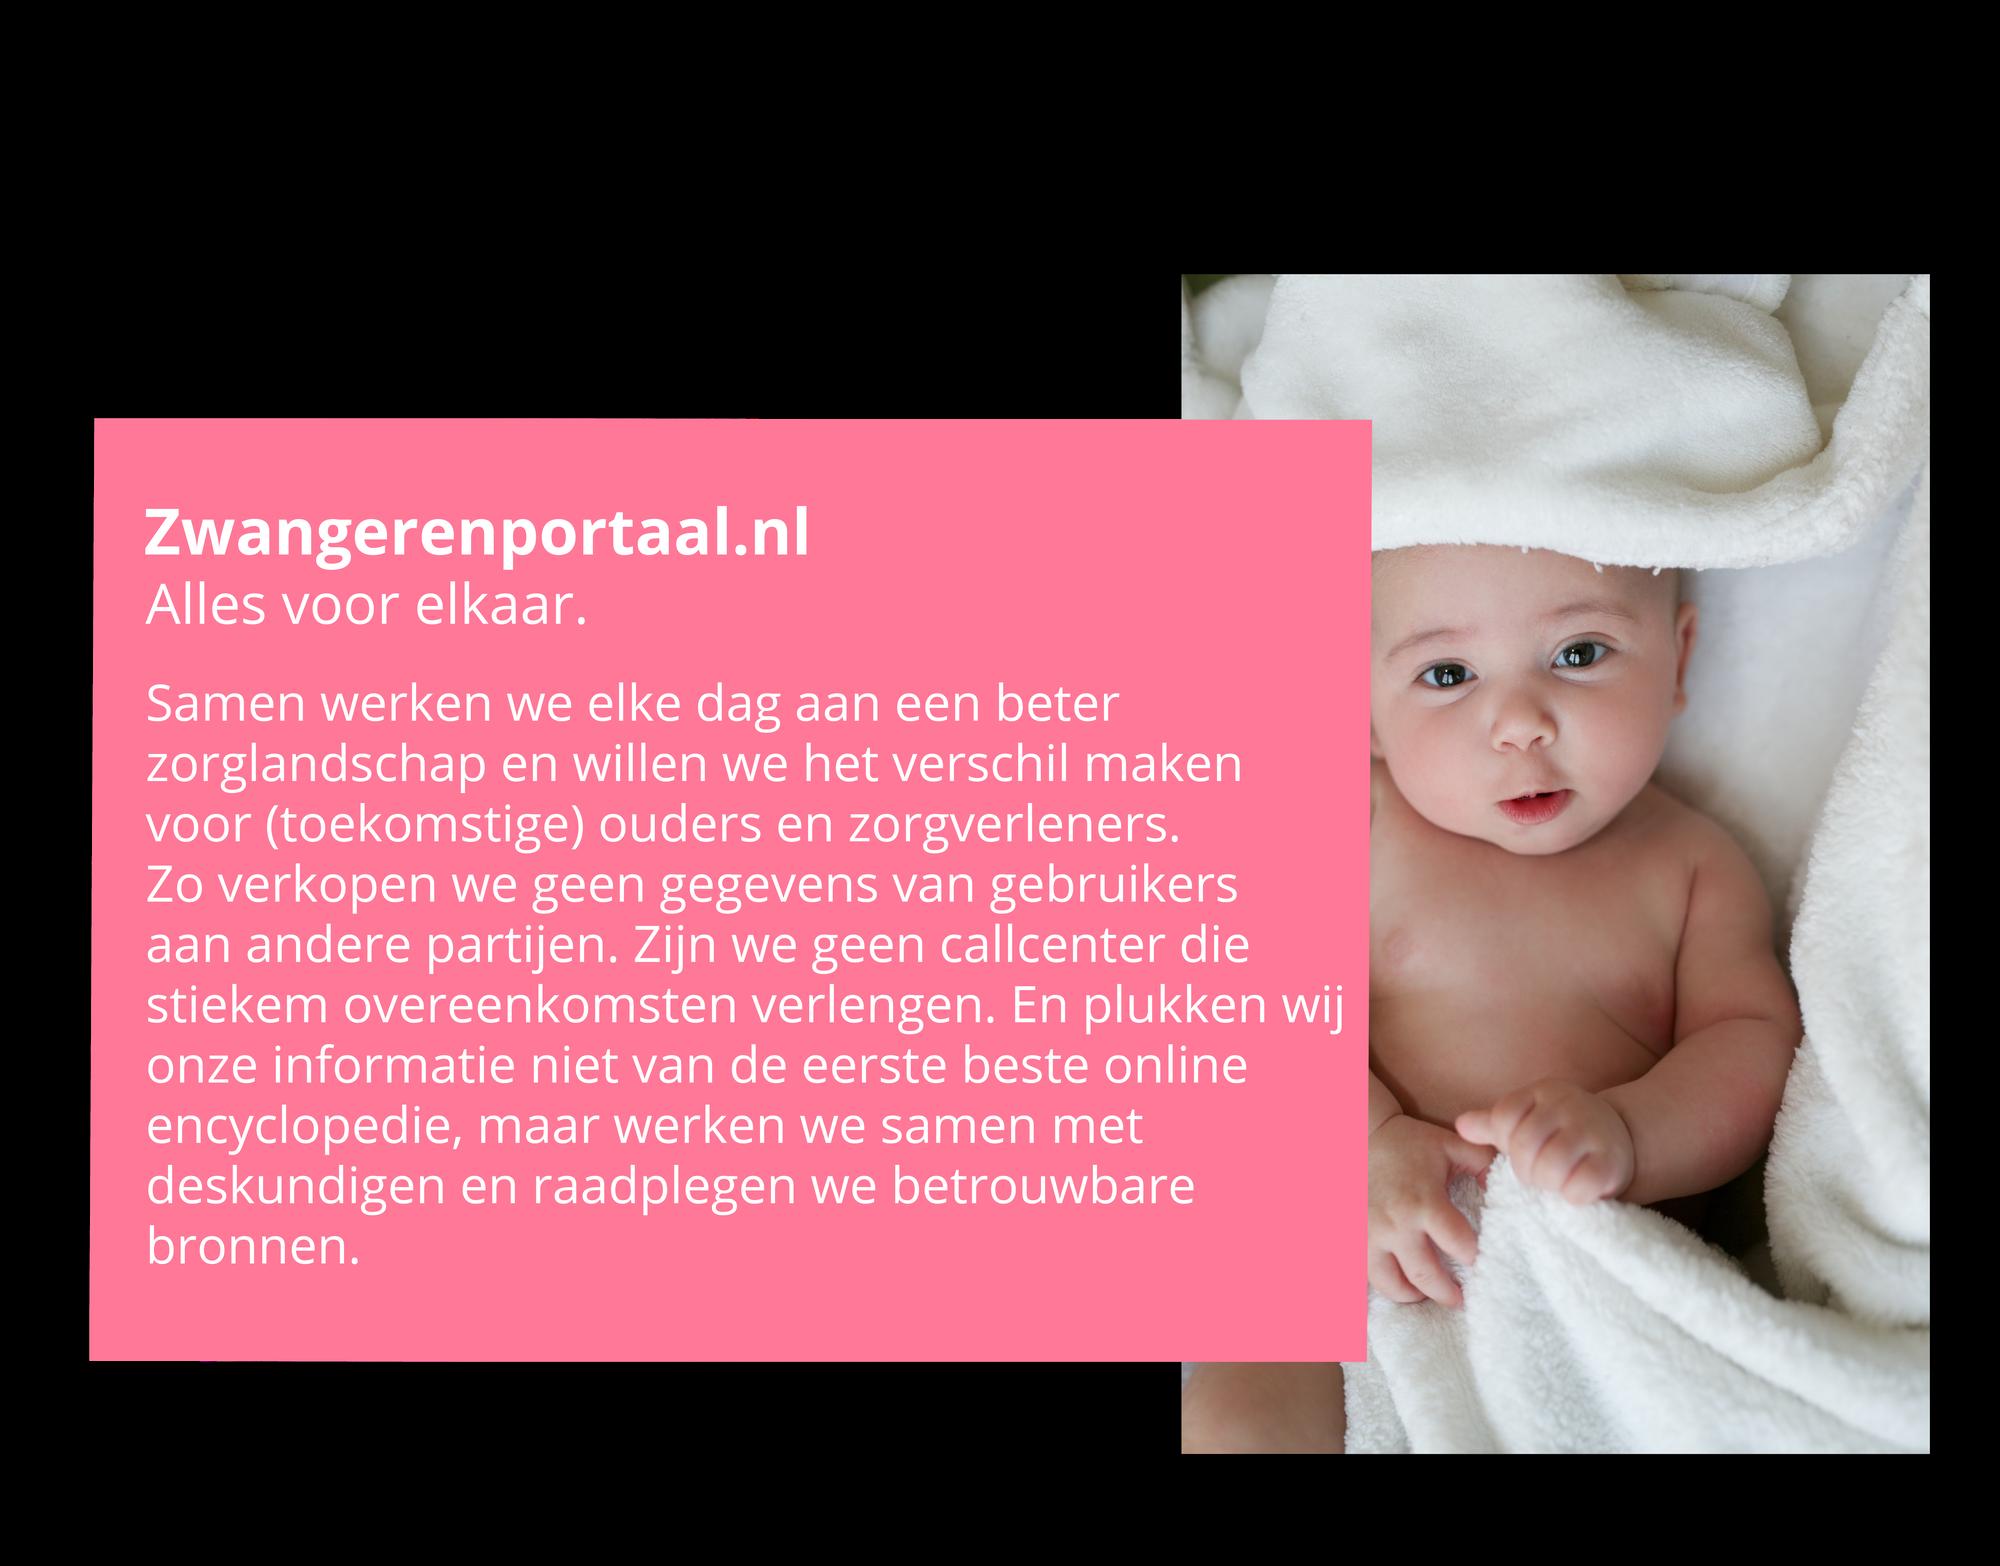 zwangerenportaal